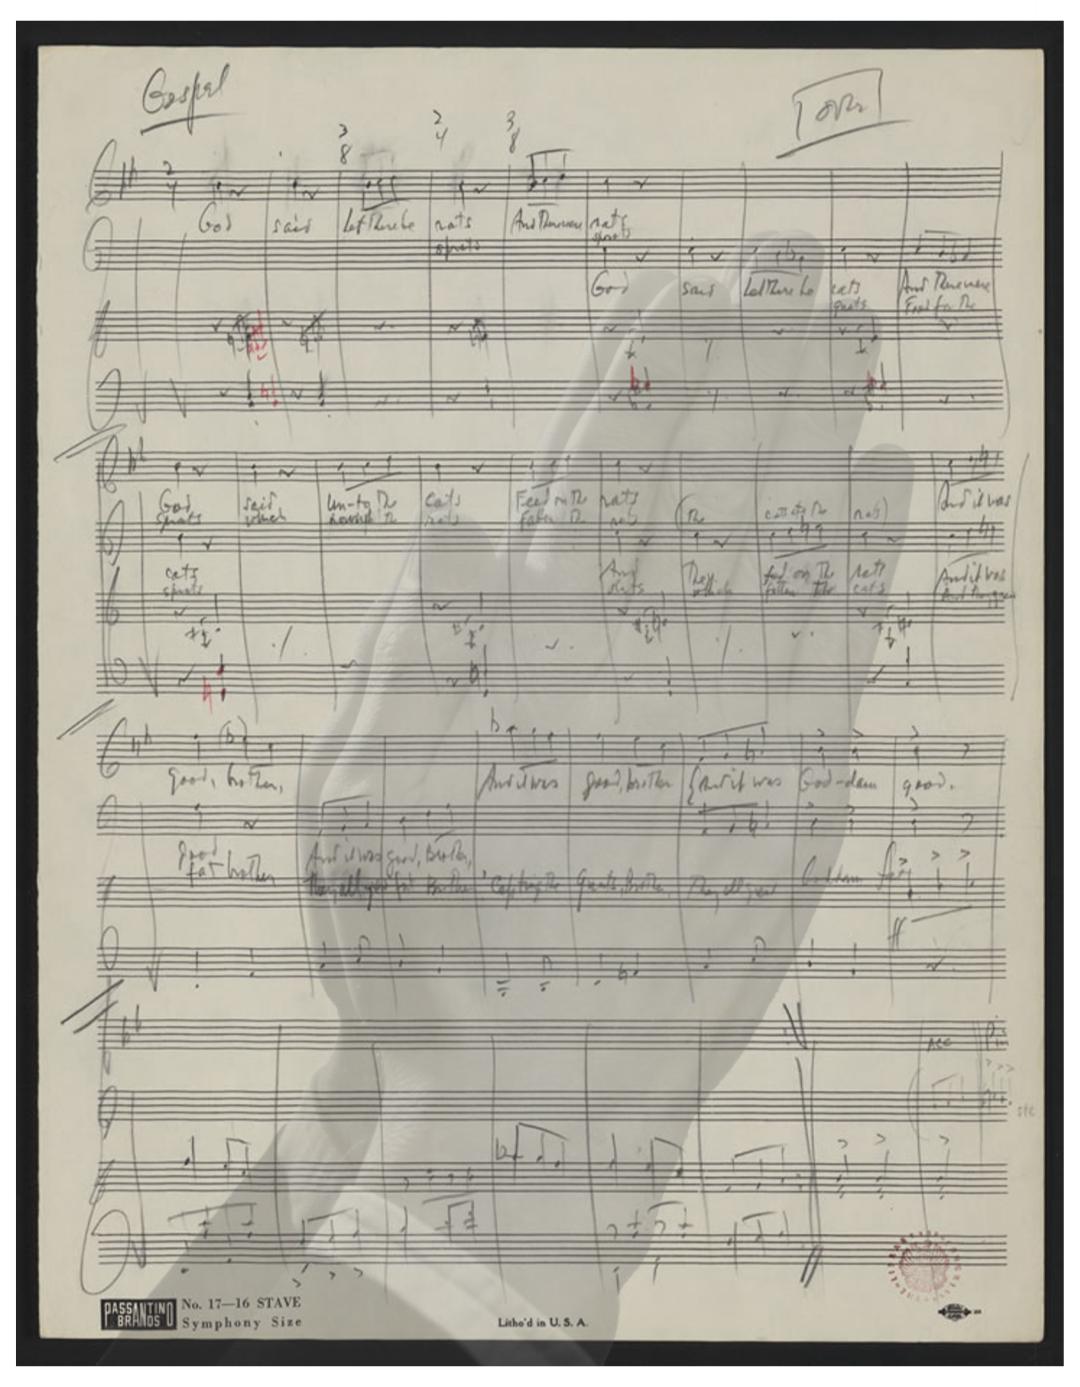 """""""Gospel"""" from Leonard Benstein's    Mass    (1971)"""